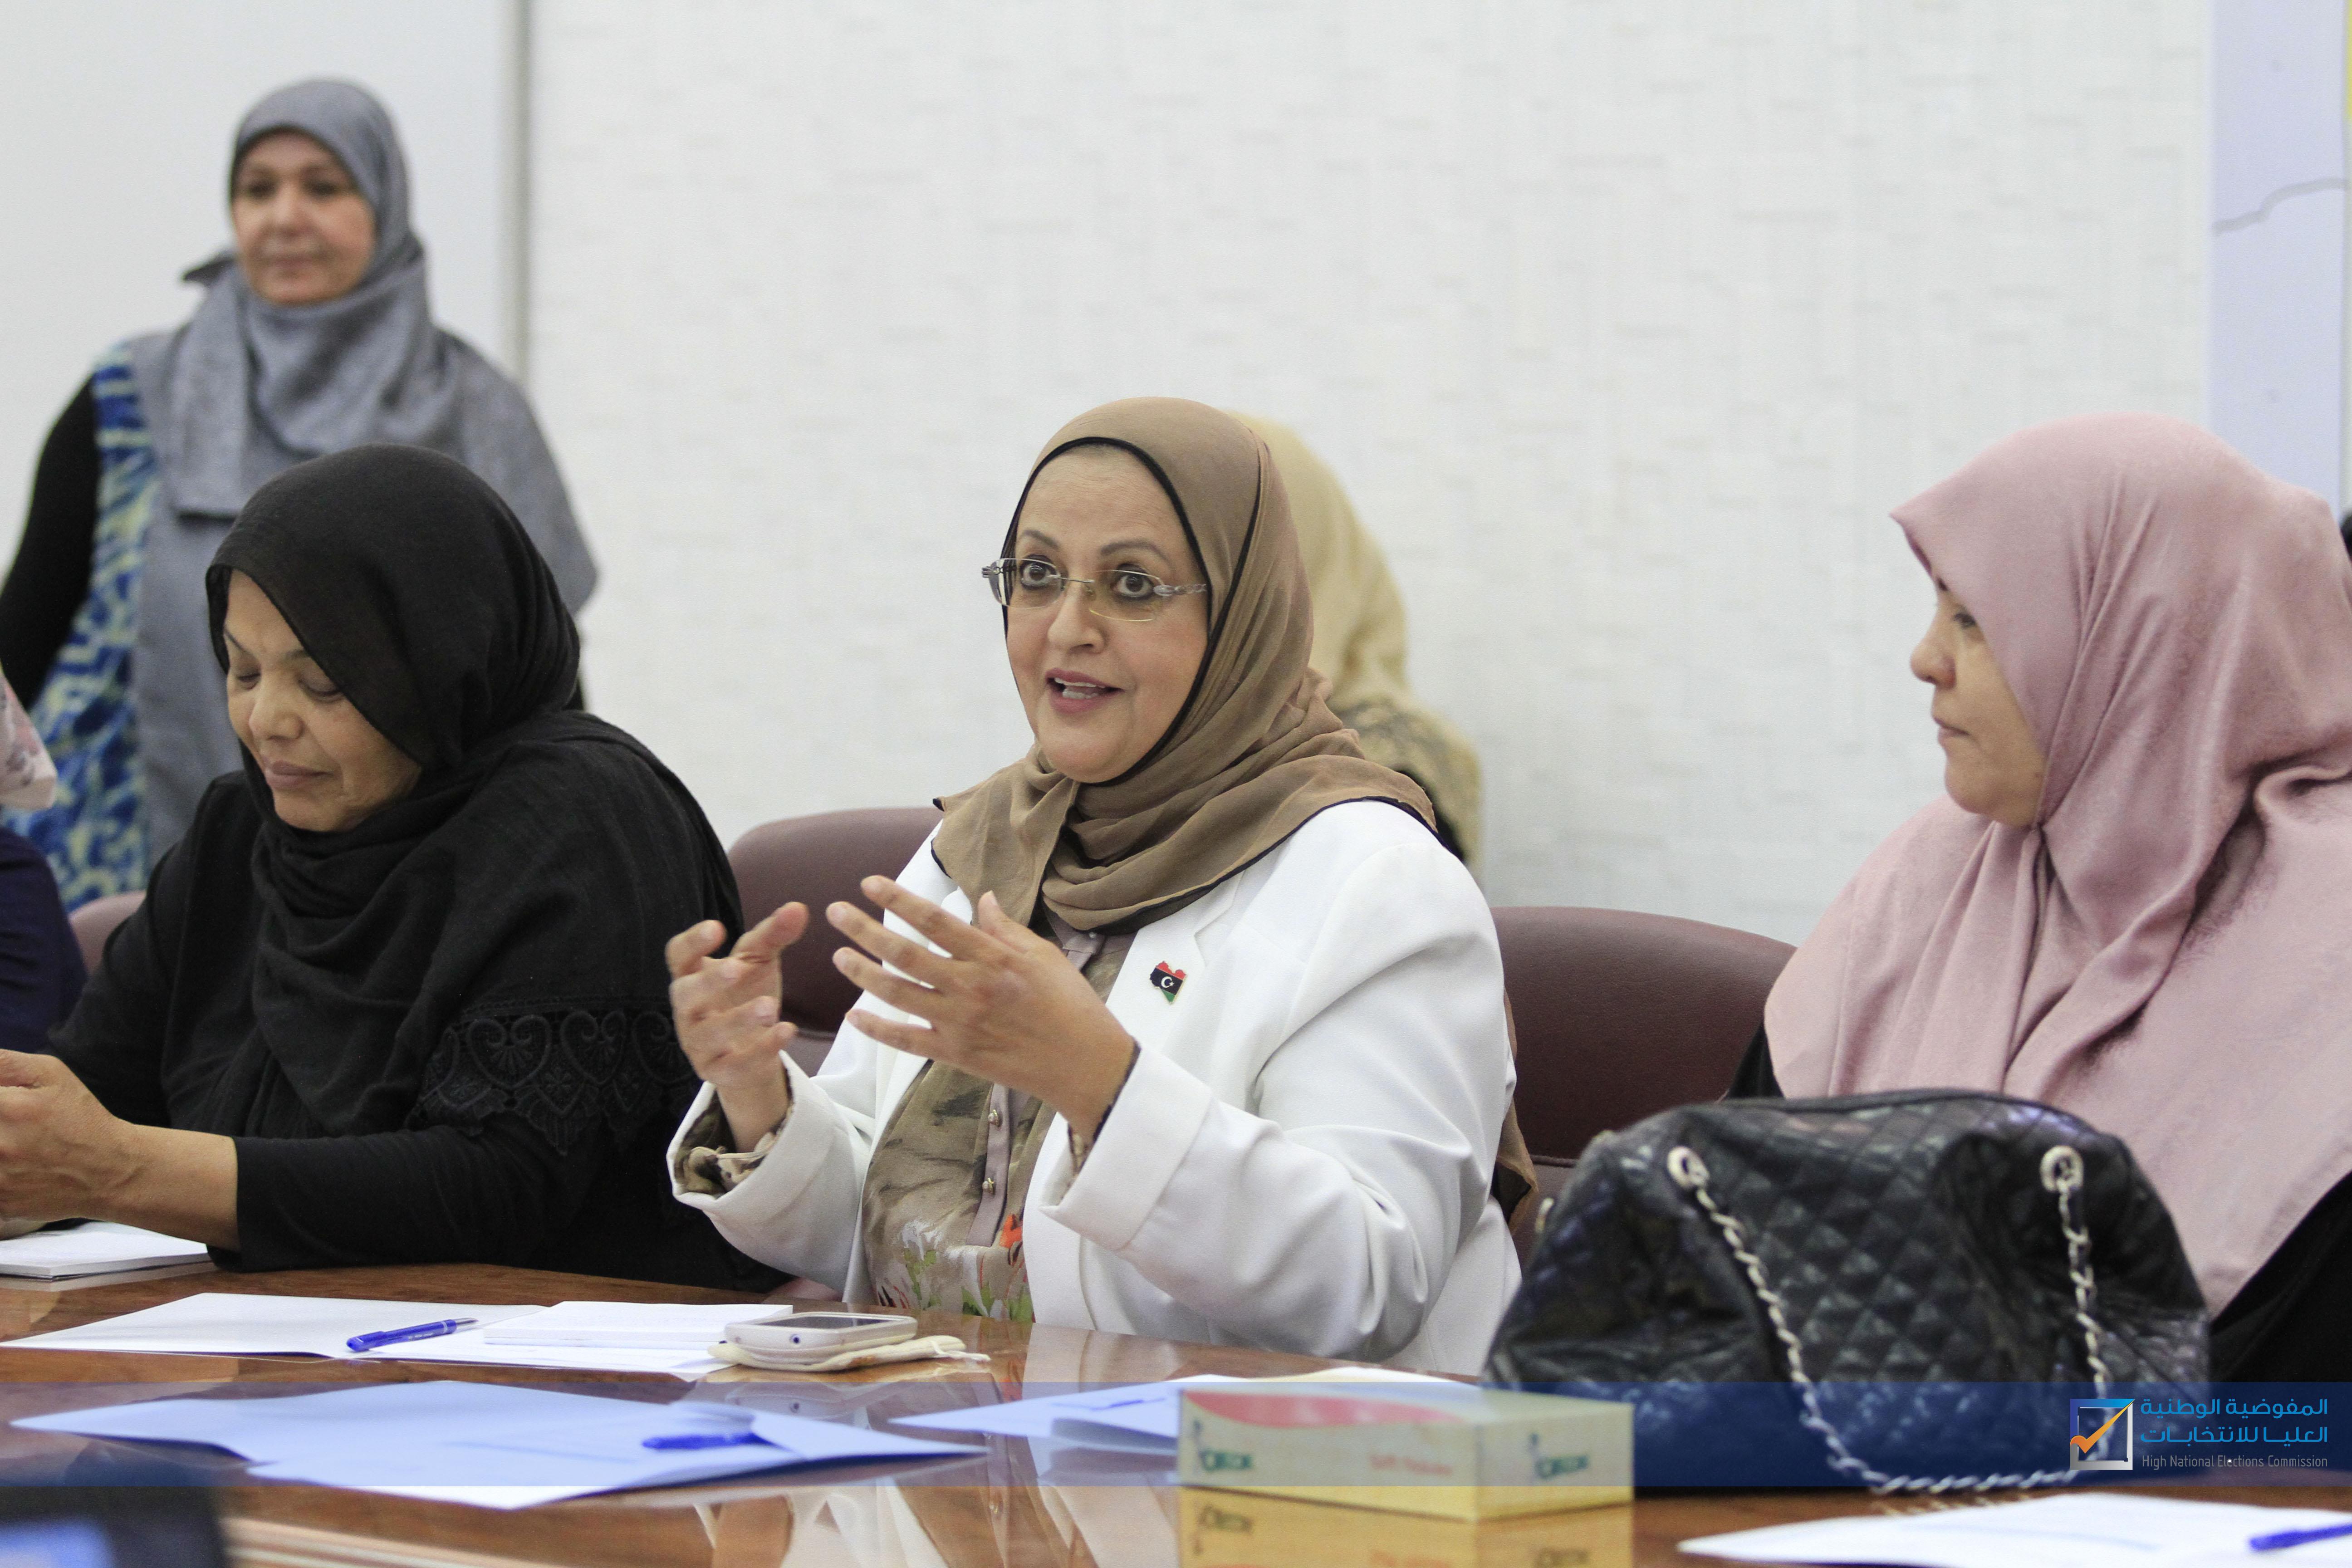 وحدة تمكين المرأة تجتمع مع عدد من المترشحات السابقات